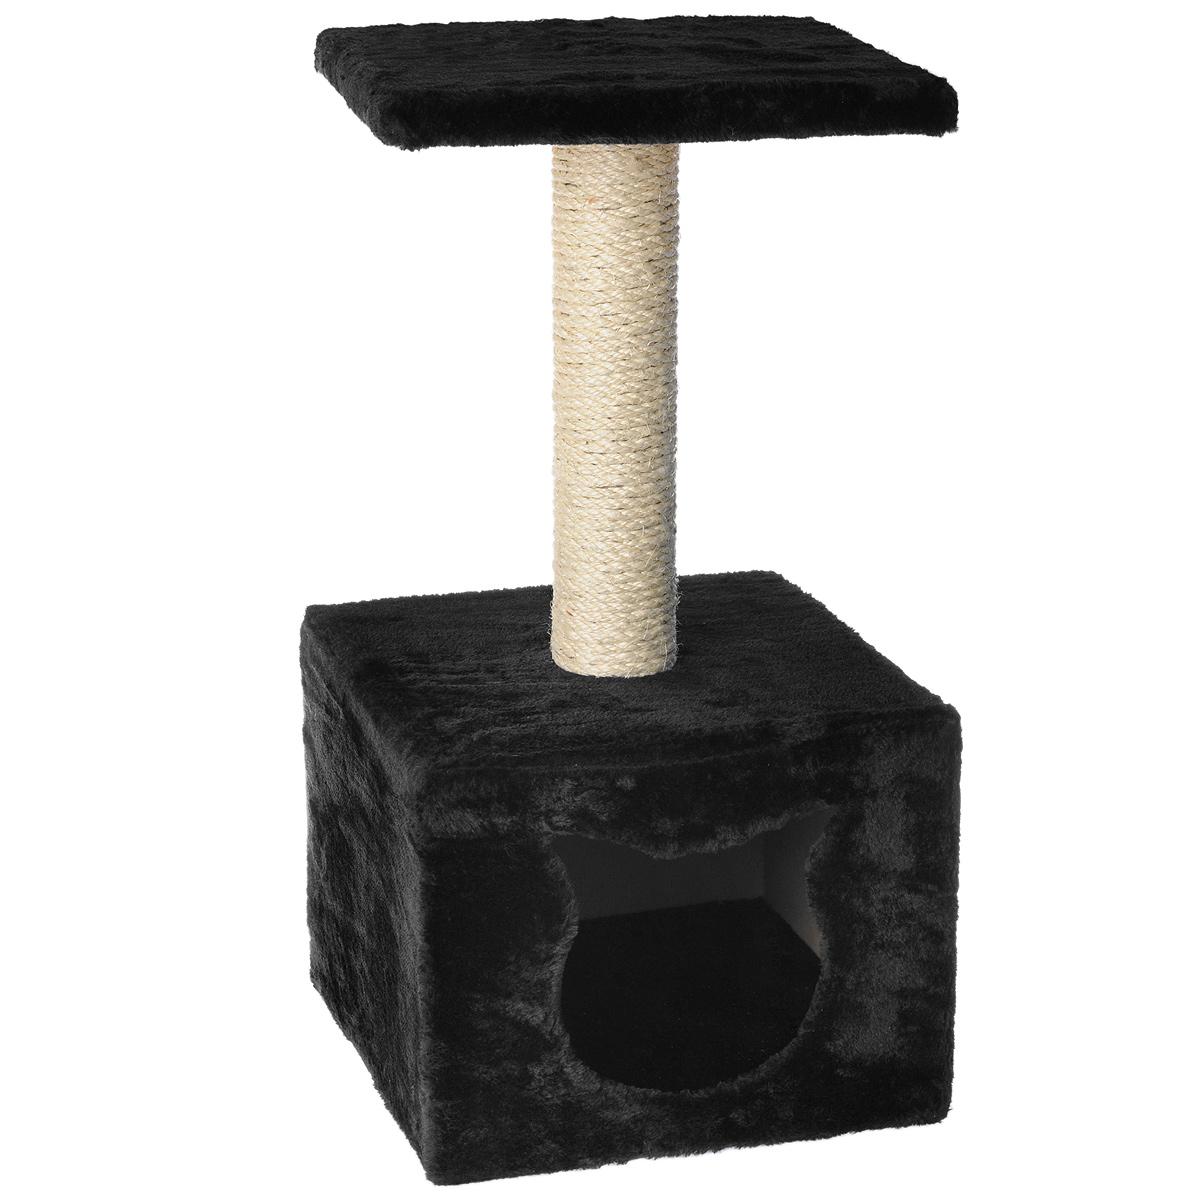 Домик-когтеточка I.P.T.S., с площадкой, цвет: черный, 30 см х 30 см х 60 см16432Домик-когтеточка I.P.T.S. выполнен из высококачественных материалов, предназначен для кошек. Кошка будет с удовольствием точить когти о специальный столбик, изготовленный из сизаля. А отдохнуть она сможет либо на площадке, находящейся наверху столбика, либо в расположенном внизу домике.